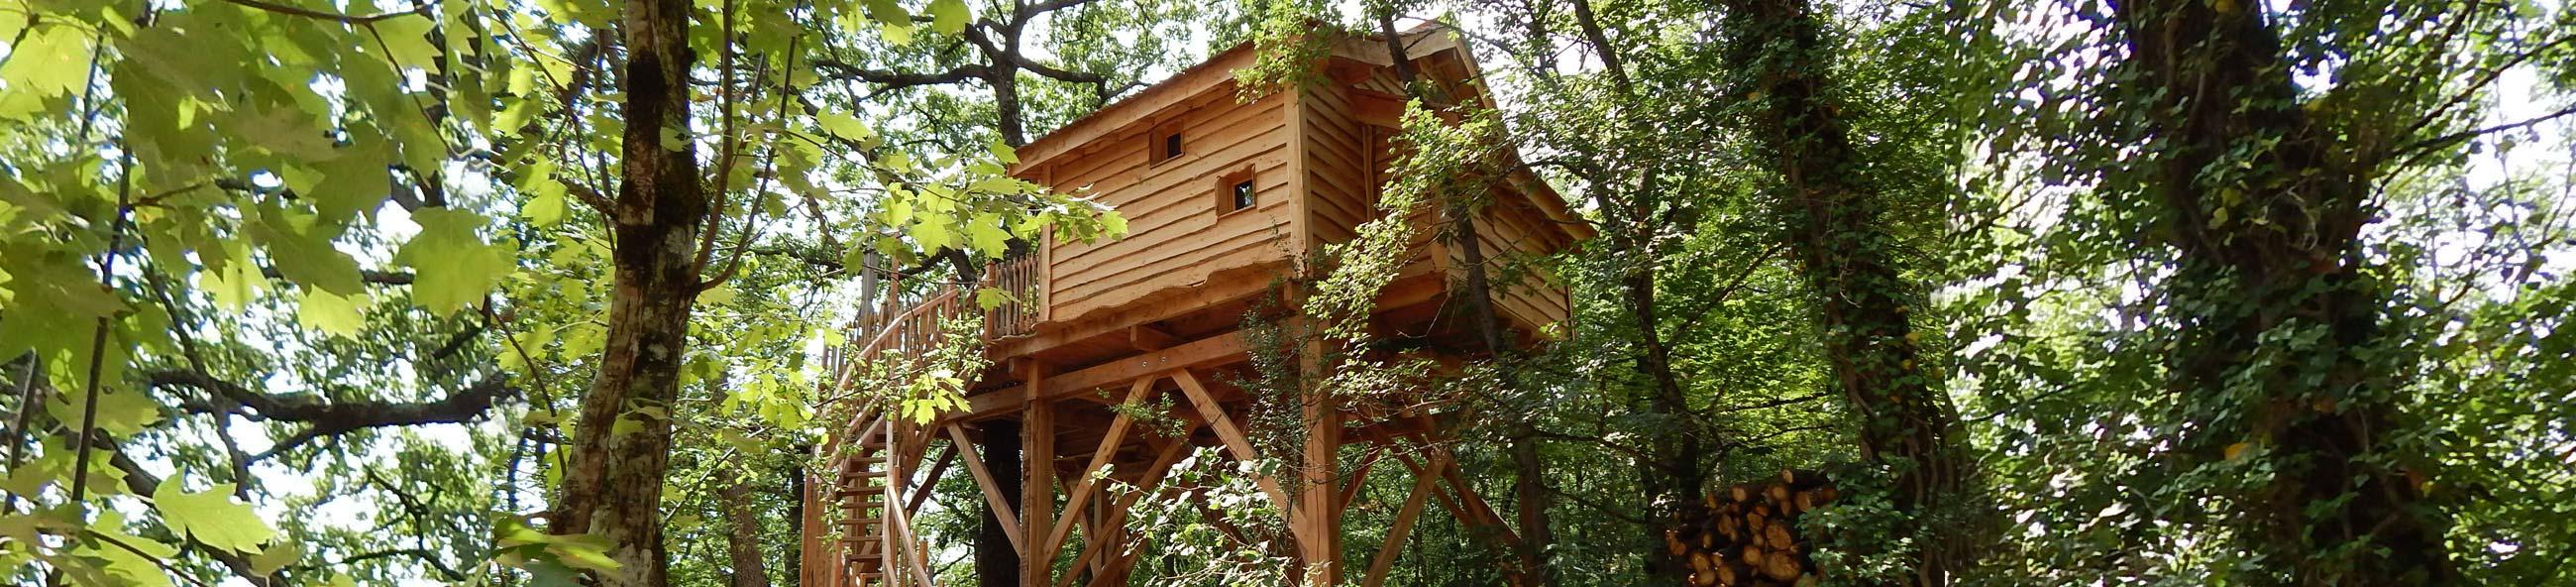 Cabane spa dans les arbres cabane avec spa dans les arbres - Cabane dans les arbres avec jacuzzi sud ouest ...